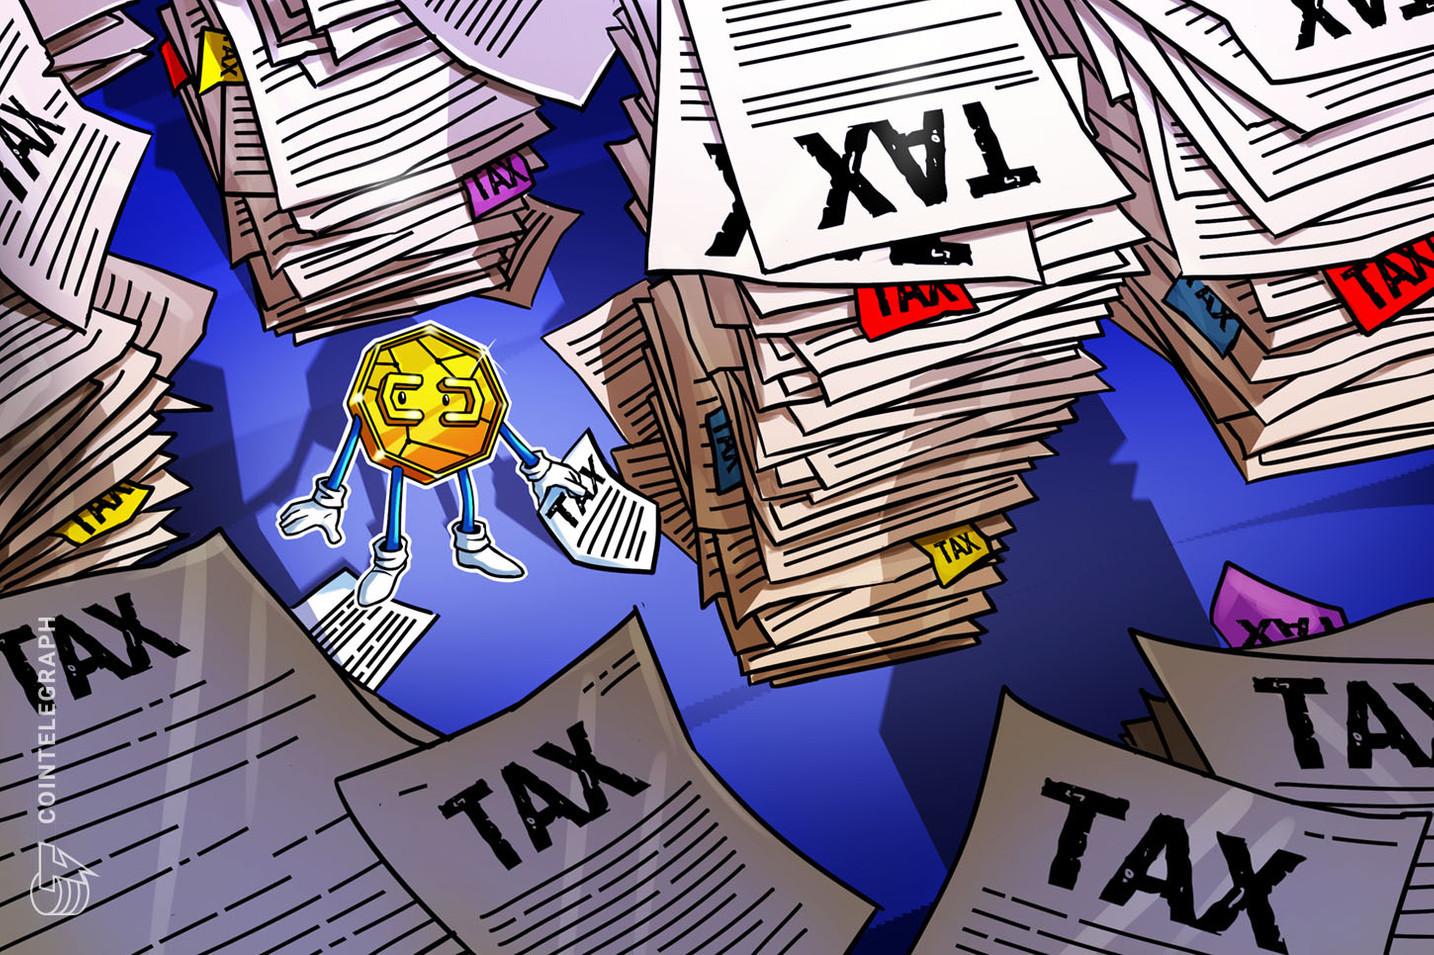 ¿Qué significa aumentar los impuestos en medio de la pandemia?